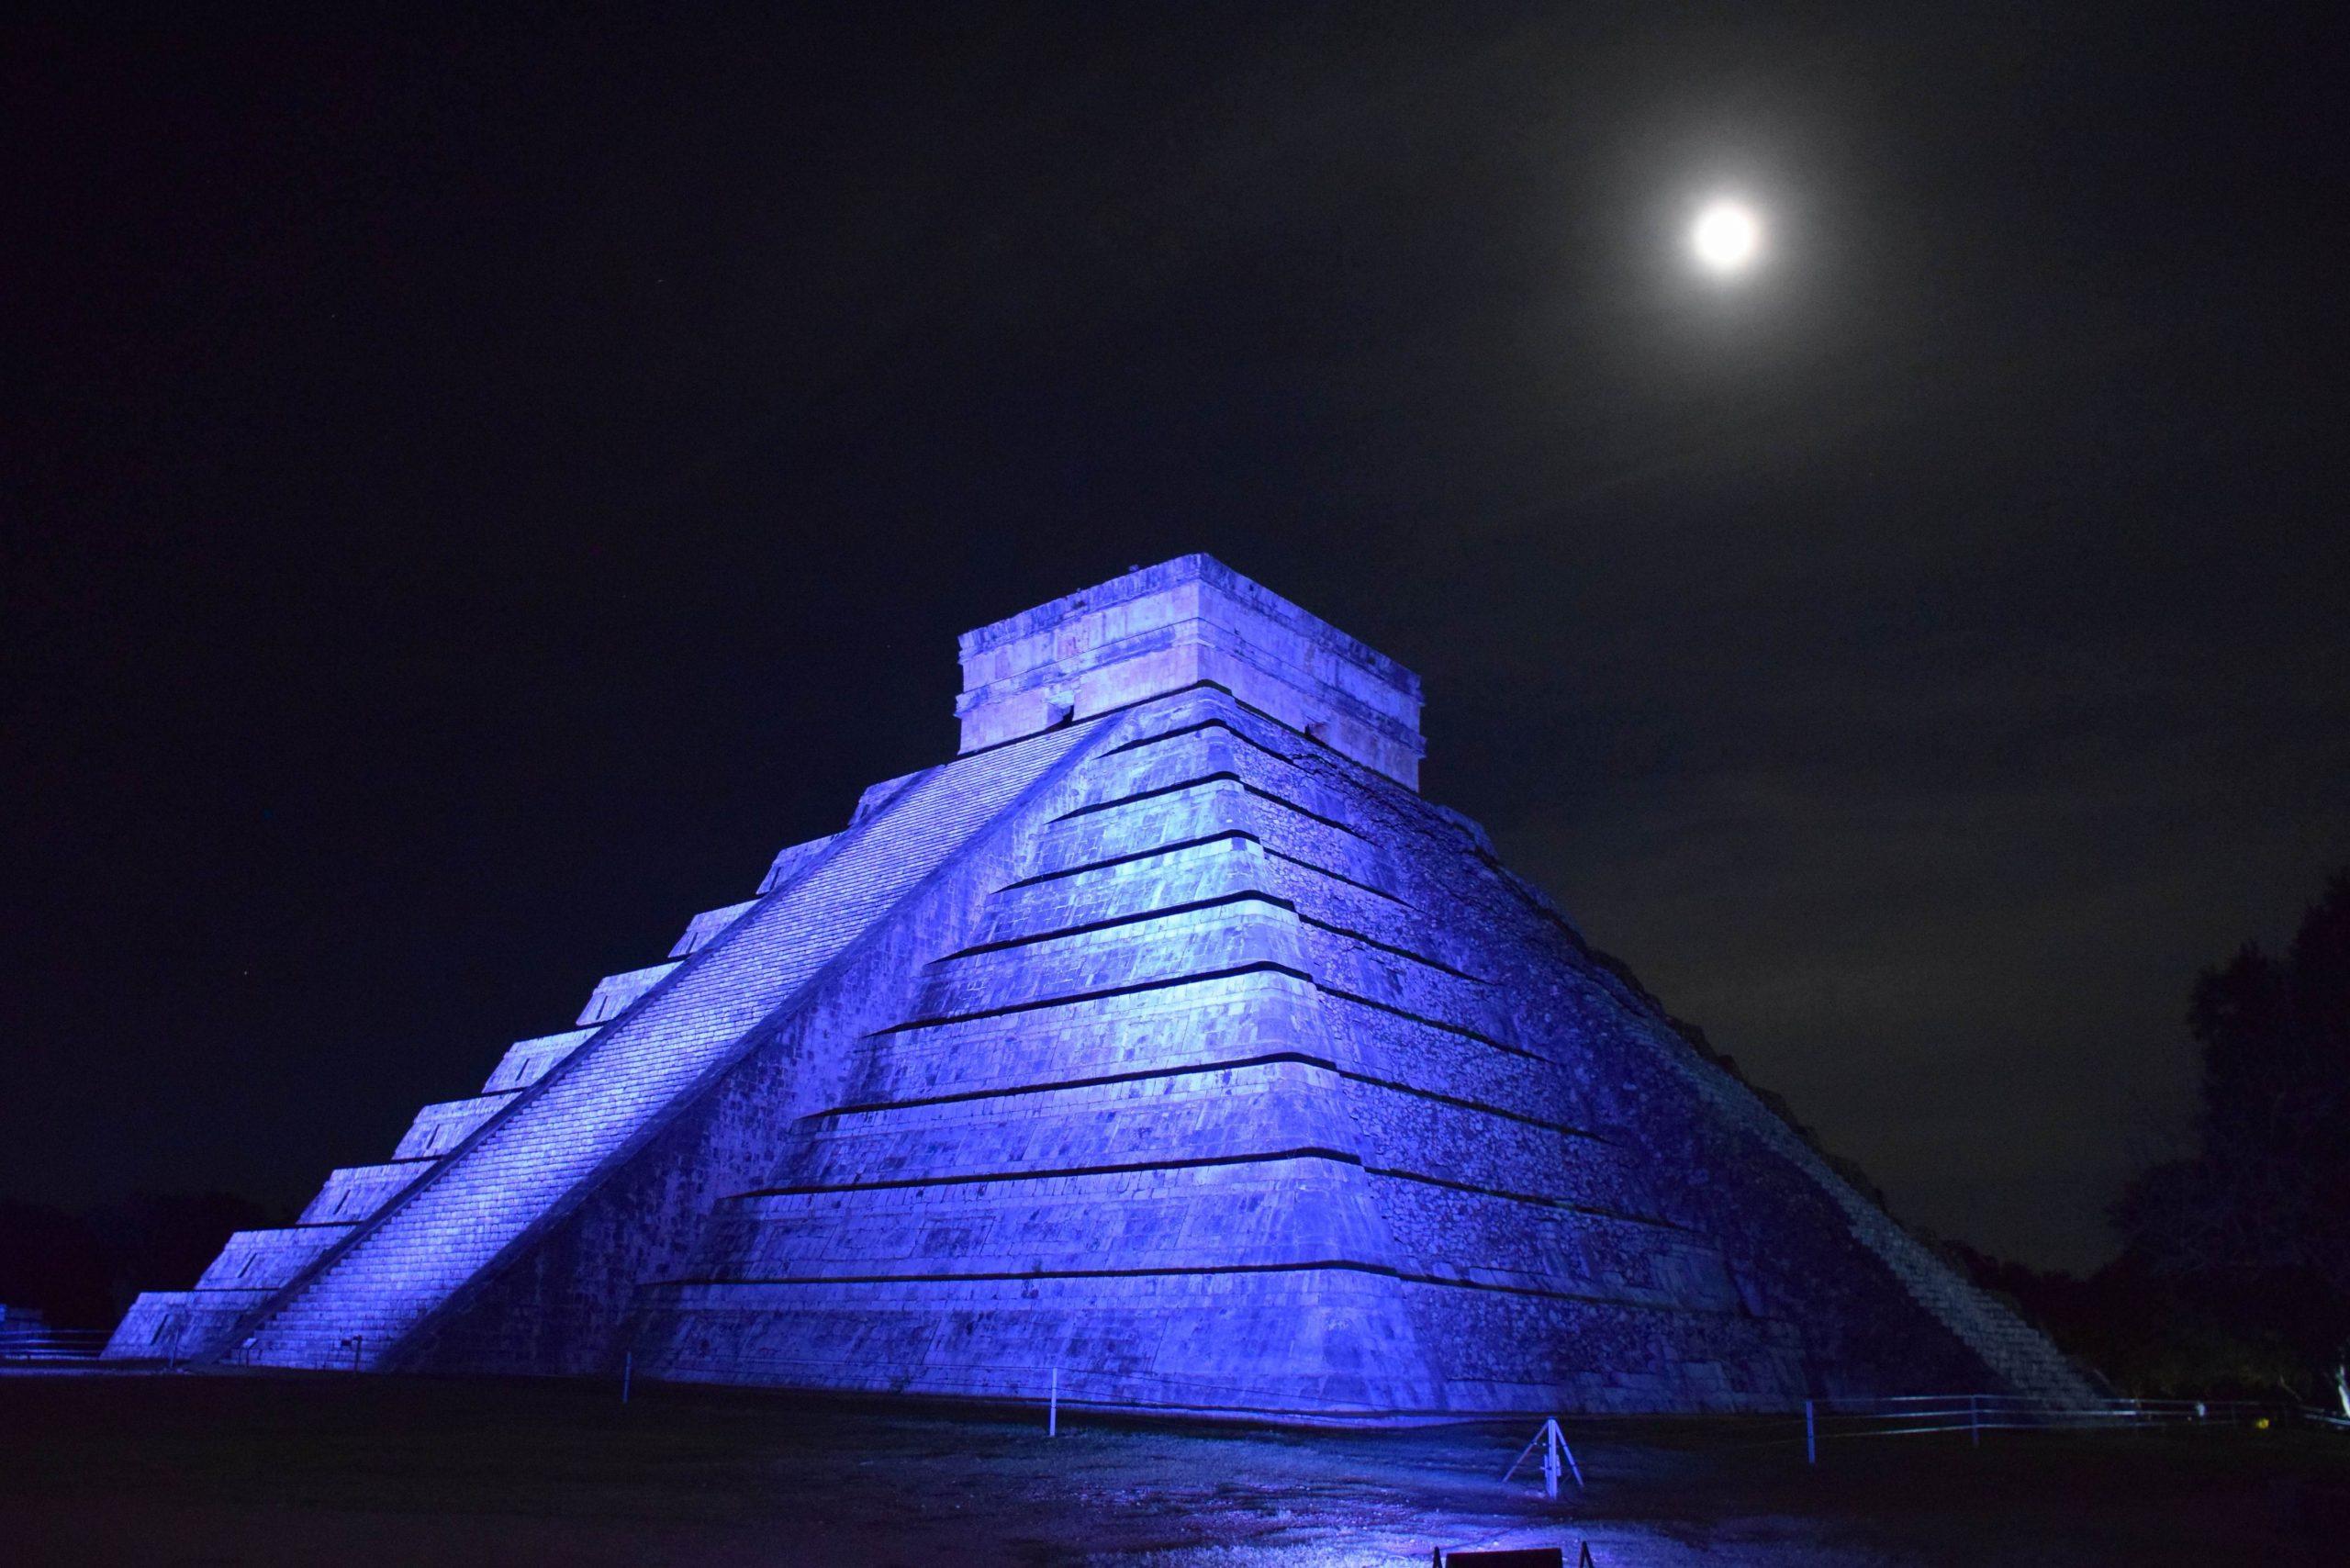 Чичен-Ица ночью